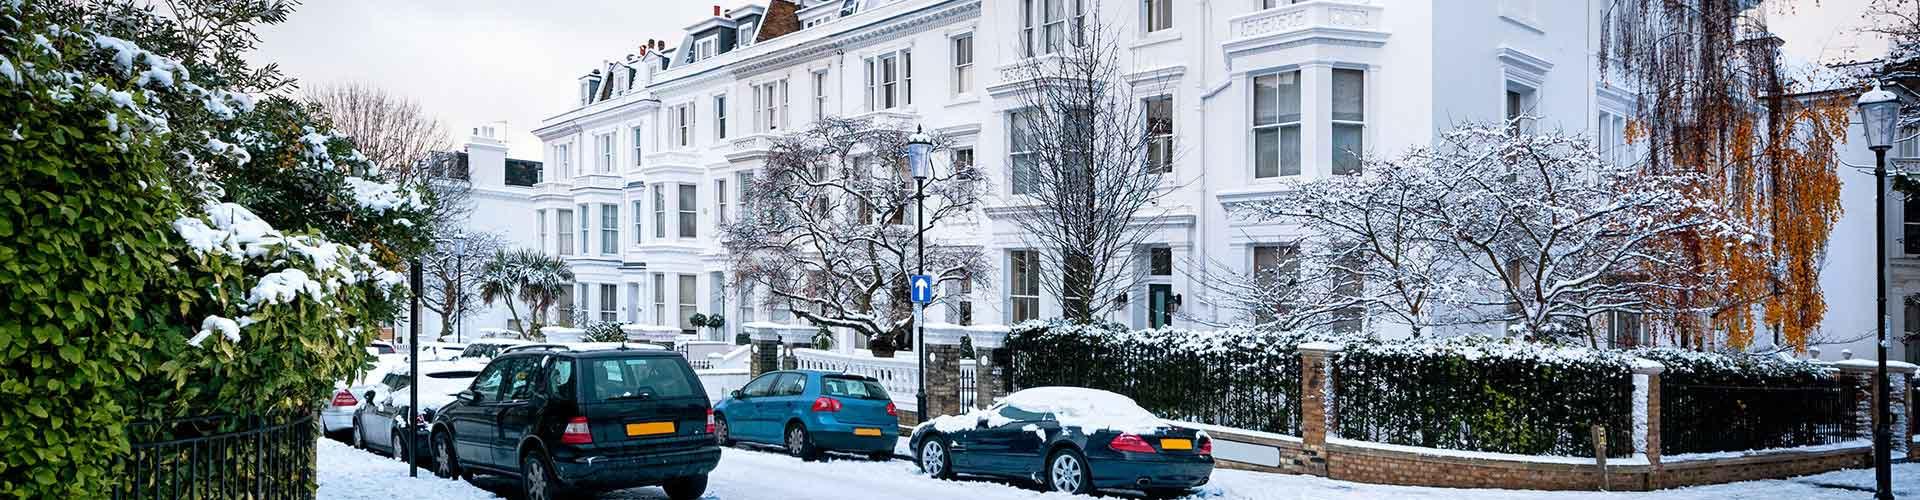 Londres - Hoteles baratos en el distrito Municipio de Kensington y Chelsea. Mapas de Londres, Fotos y comentarios de cada Hotel barato en Londres.